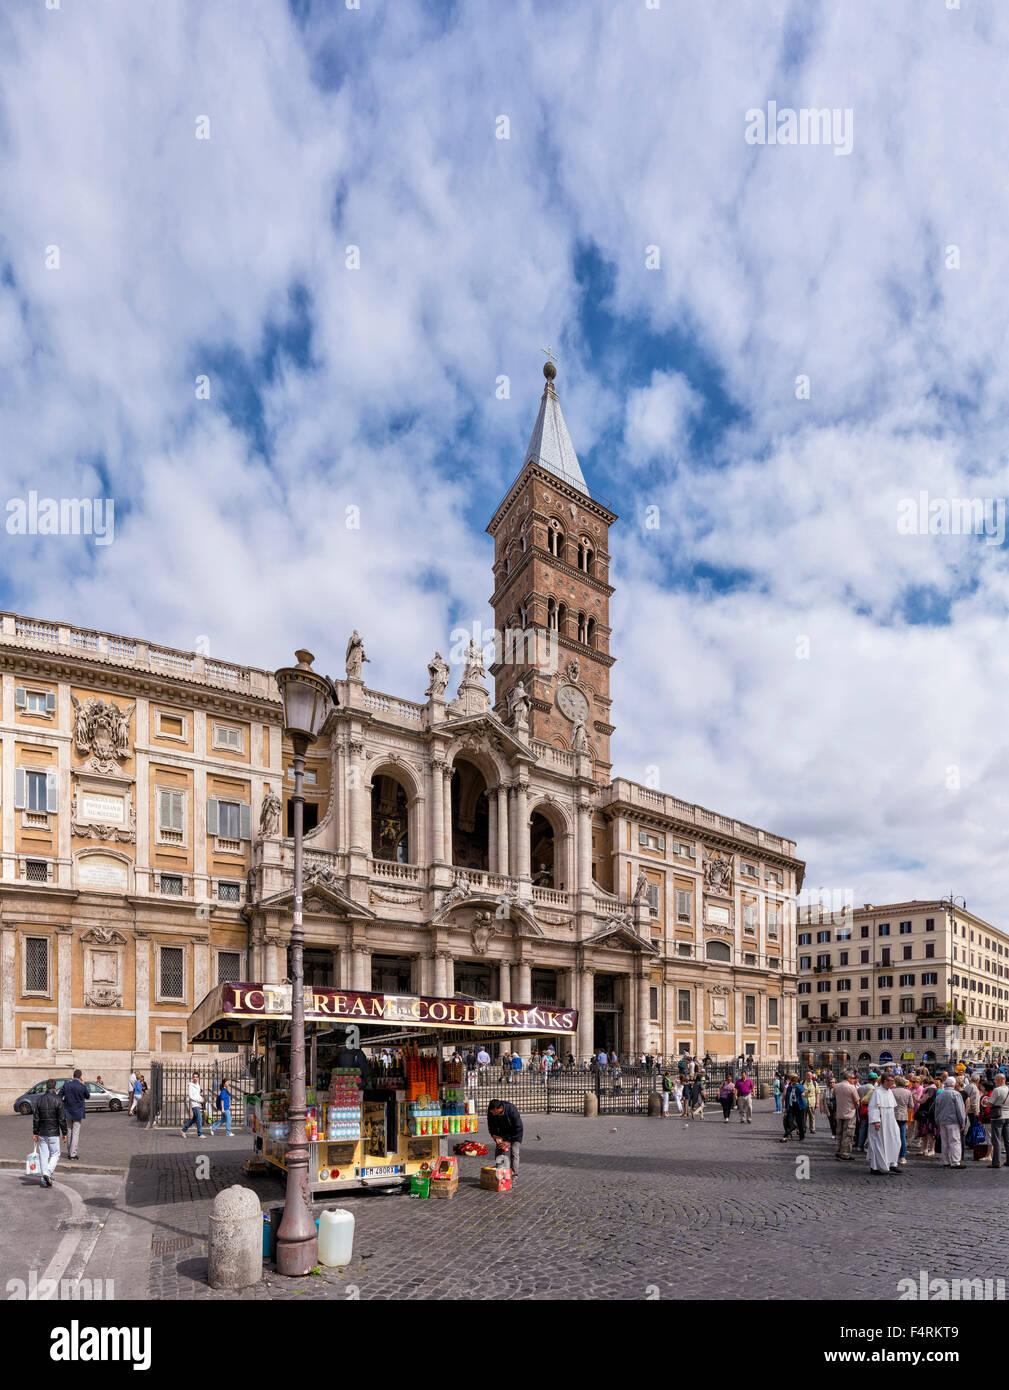 Italy, Europe, Lazio, Rome, Roma, city, village, spring, people, church, Piazza di Santa Maria Maggiore, square, - Stock Image